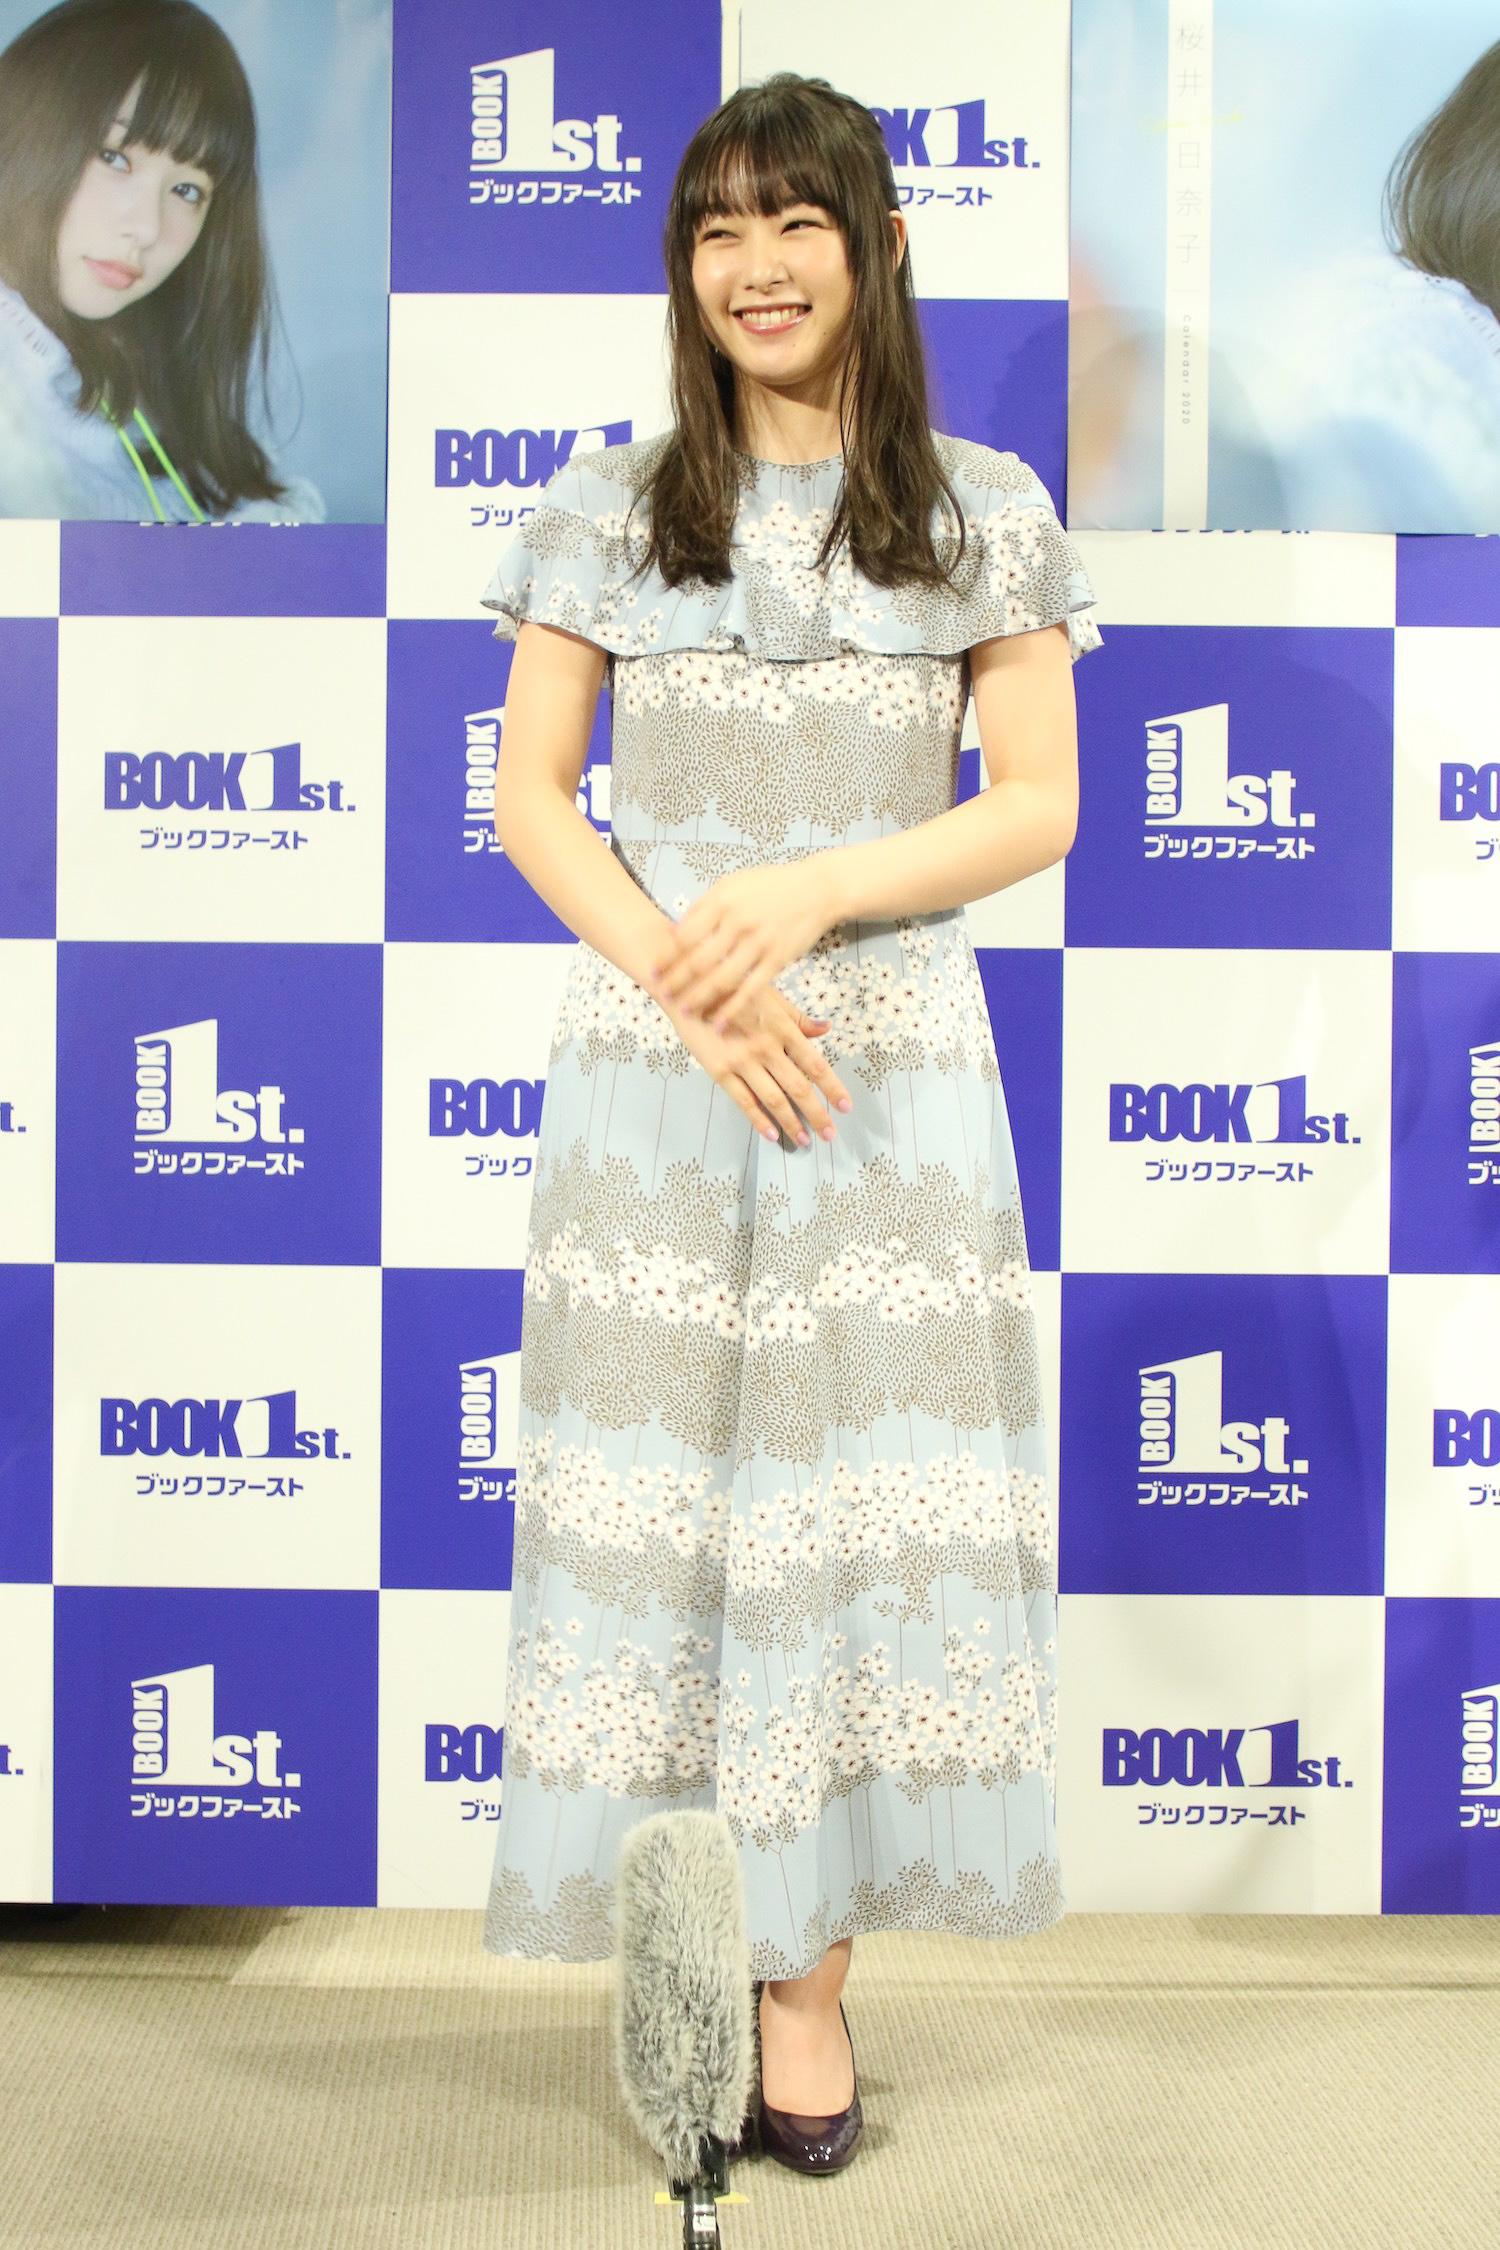 桜井日奈子/2019年10月20日、東京都内・ブックファースト新宿店で開催された、2020年カレンダー発売記念イベントにて